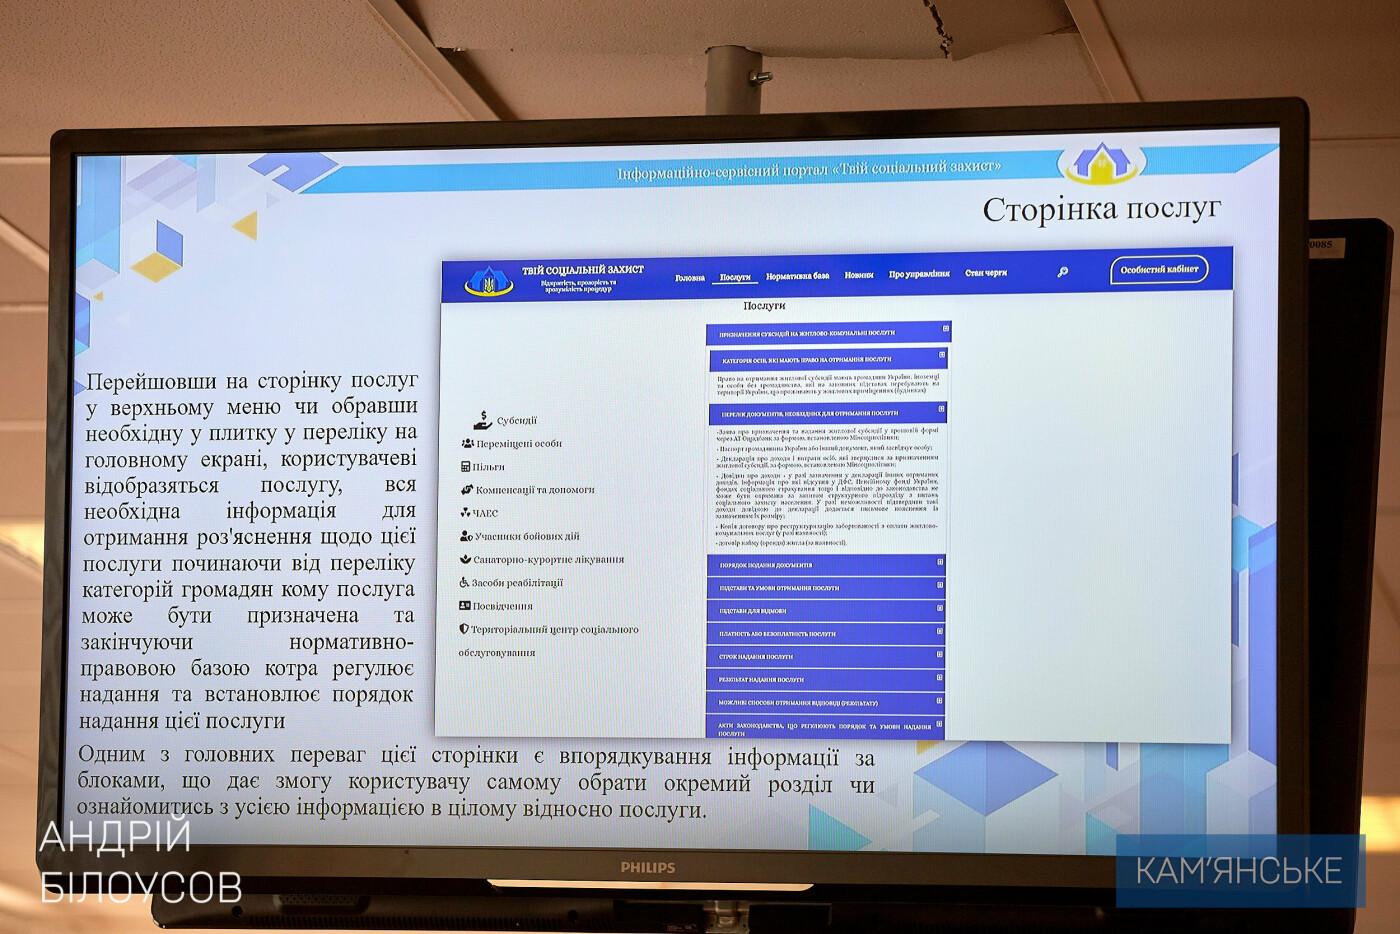 Субсидия онлайн: в Каменском разработали информационно-сервисный портал в сфере соцзащиты, фото-4